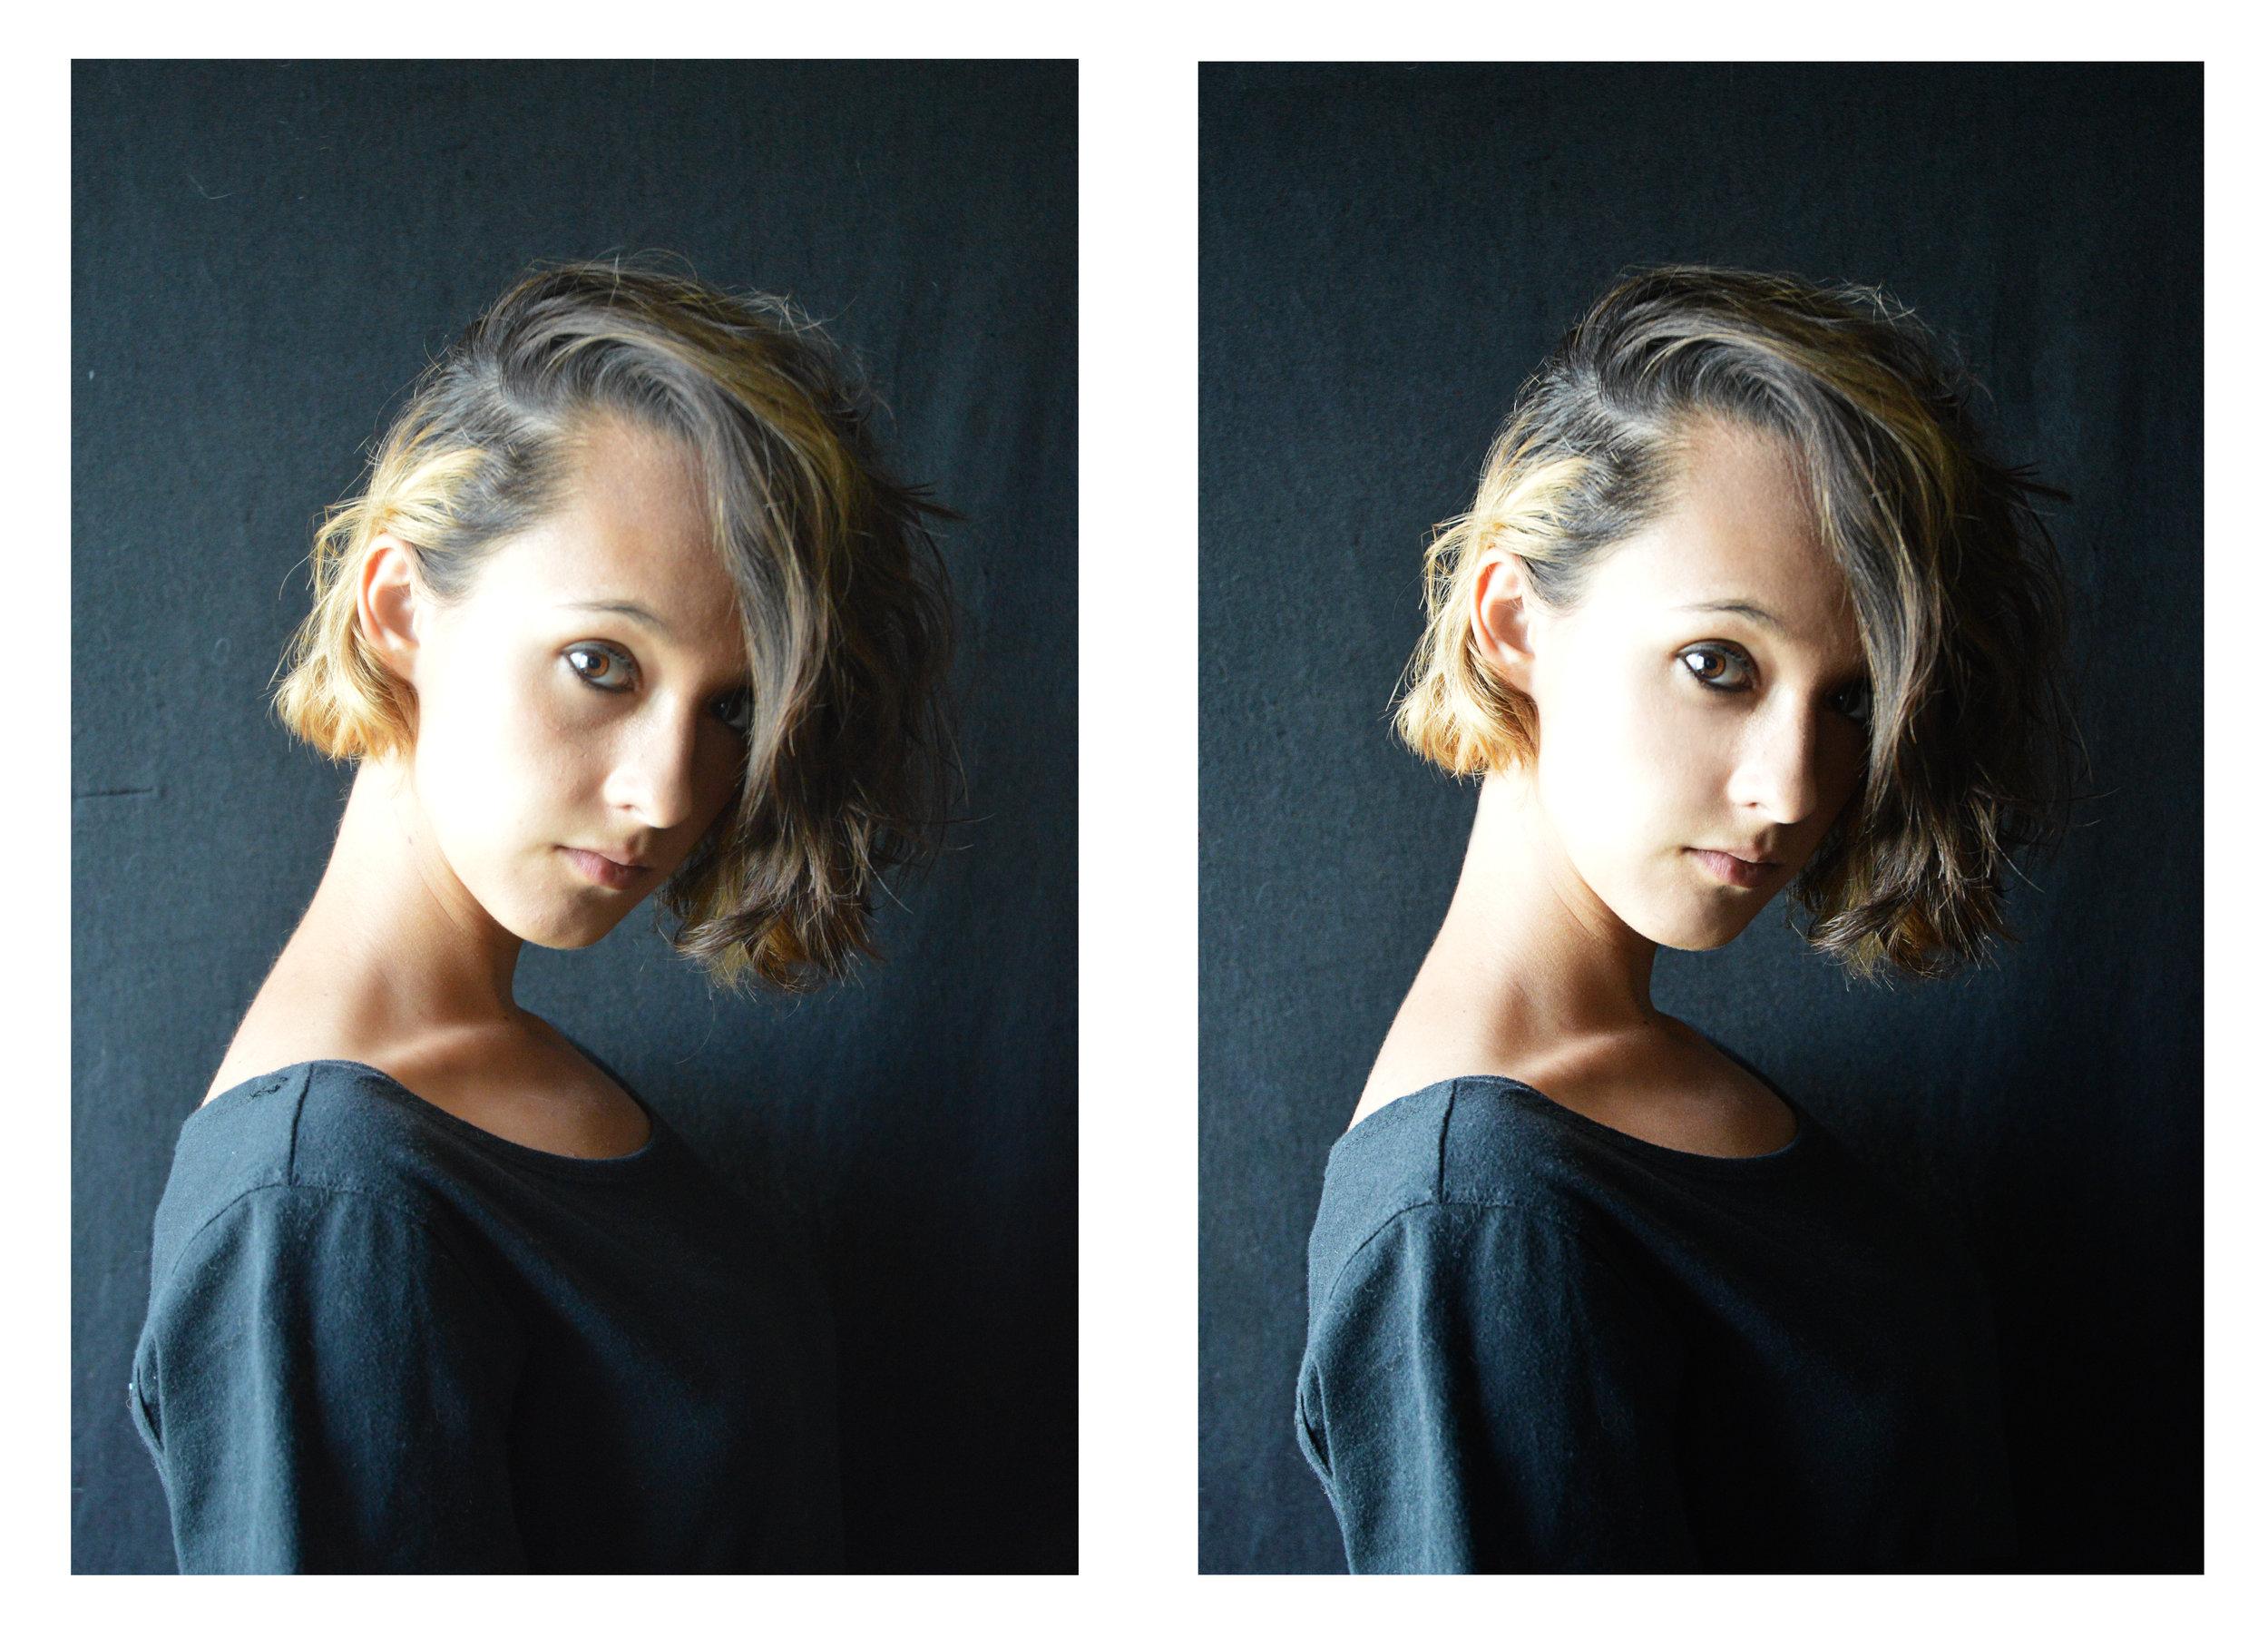 Retouched portrait. August 2017.